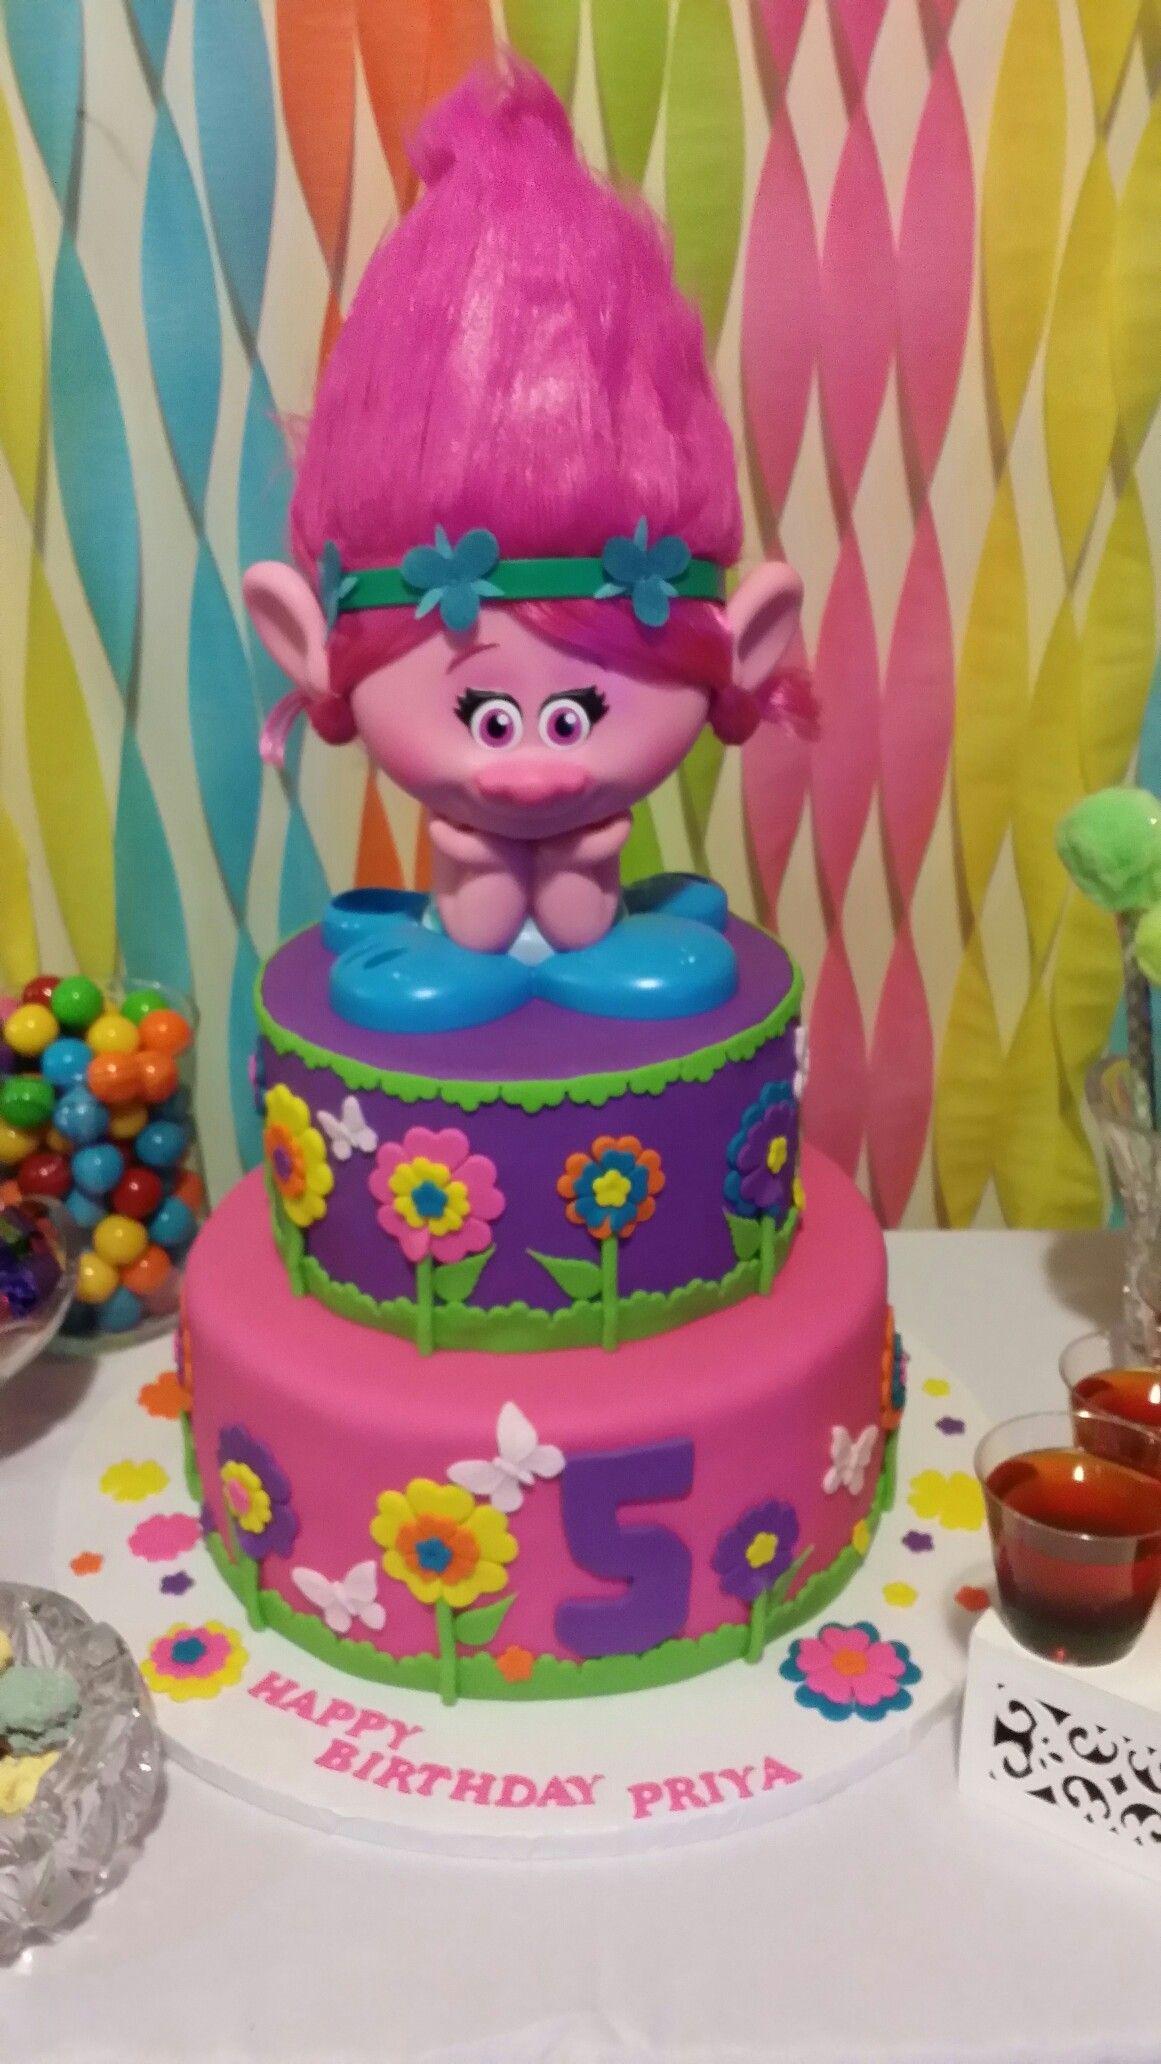 Cake trolls trolls birthday party cake trolls